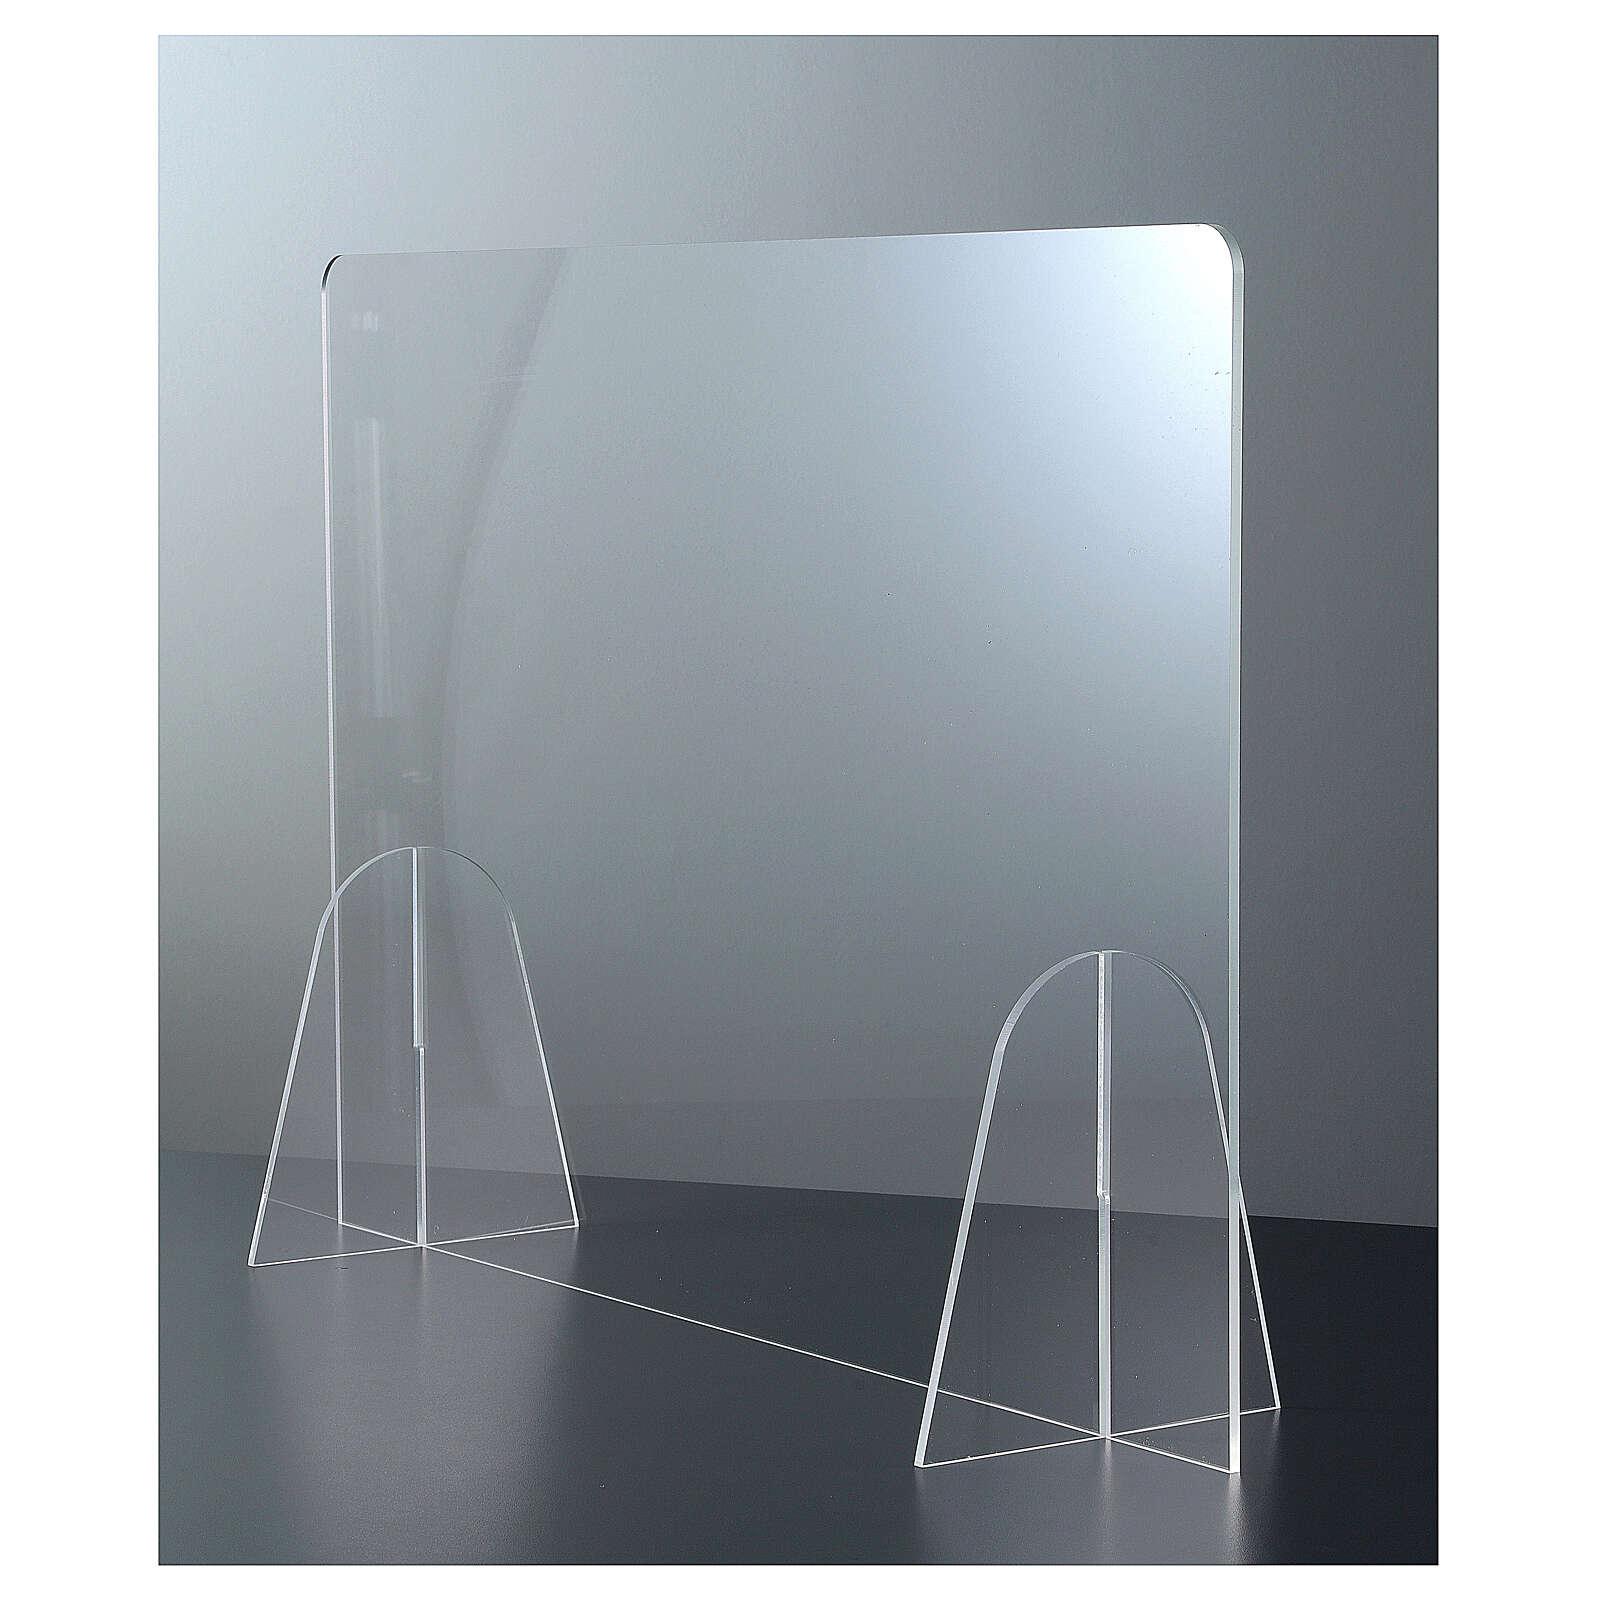 Panel anti-aliento Mesa plexiglás - Gota h 50x90 3